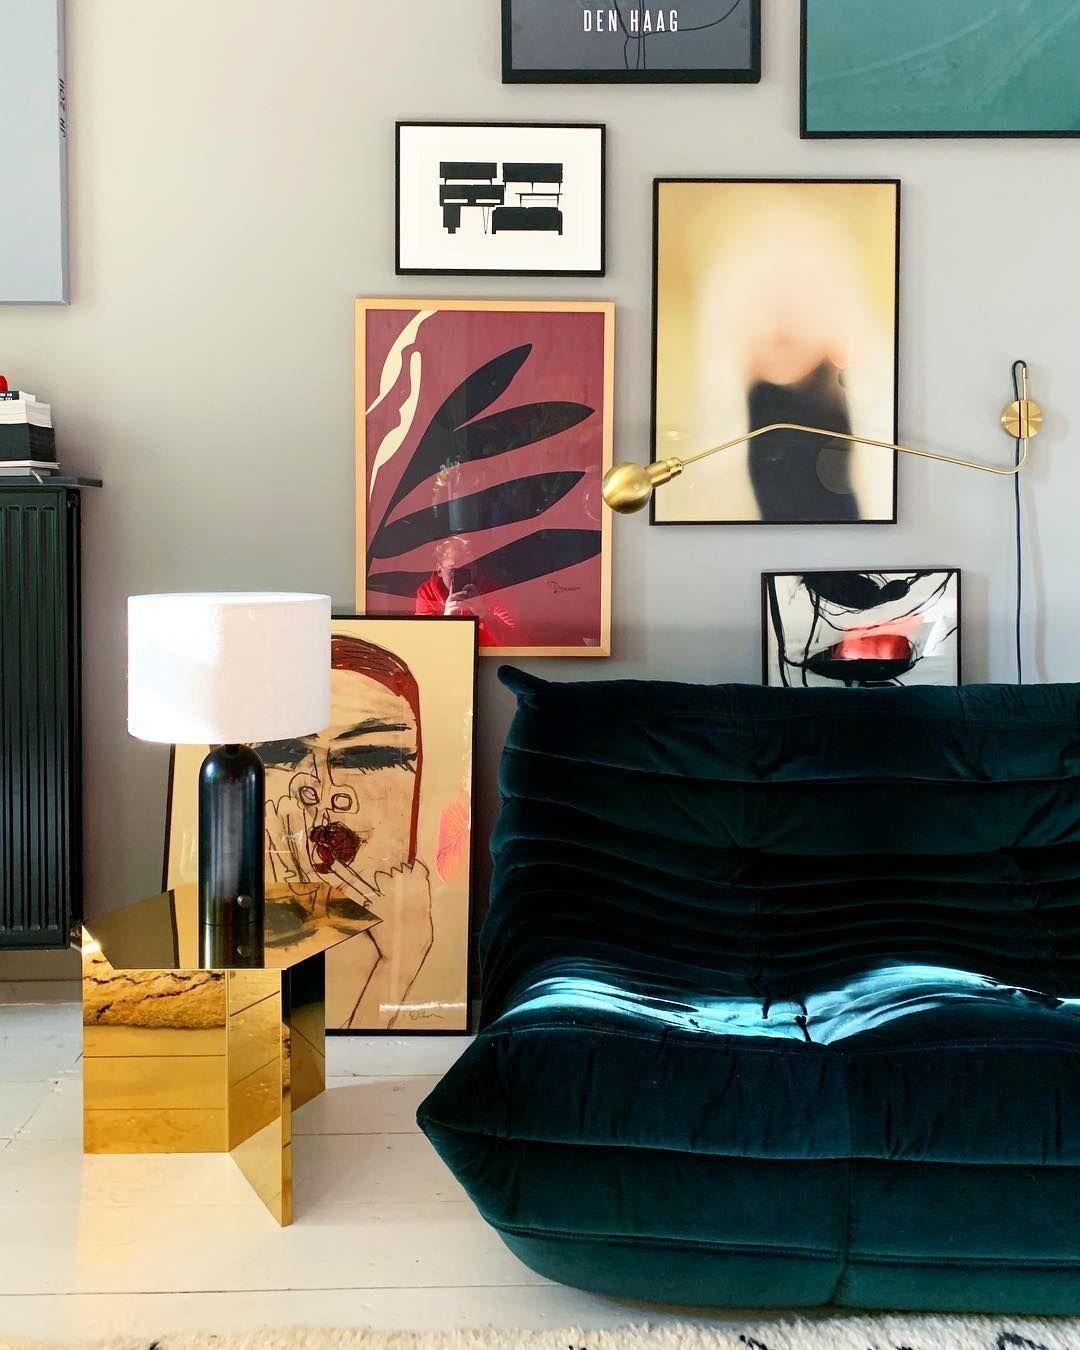 The Retro Stylish Renovation Of Rca Studio By Anderson Design Studio Interior Interior Design Home Decor Inspiration